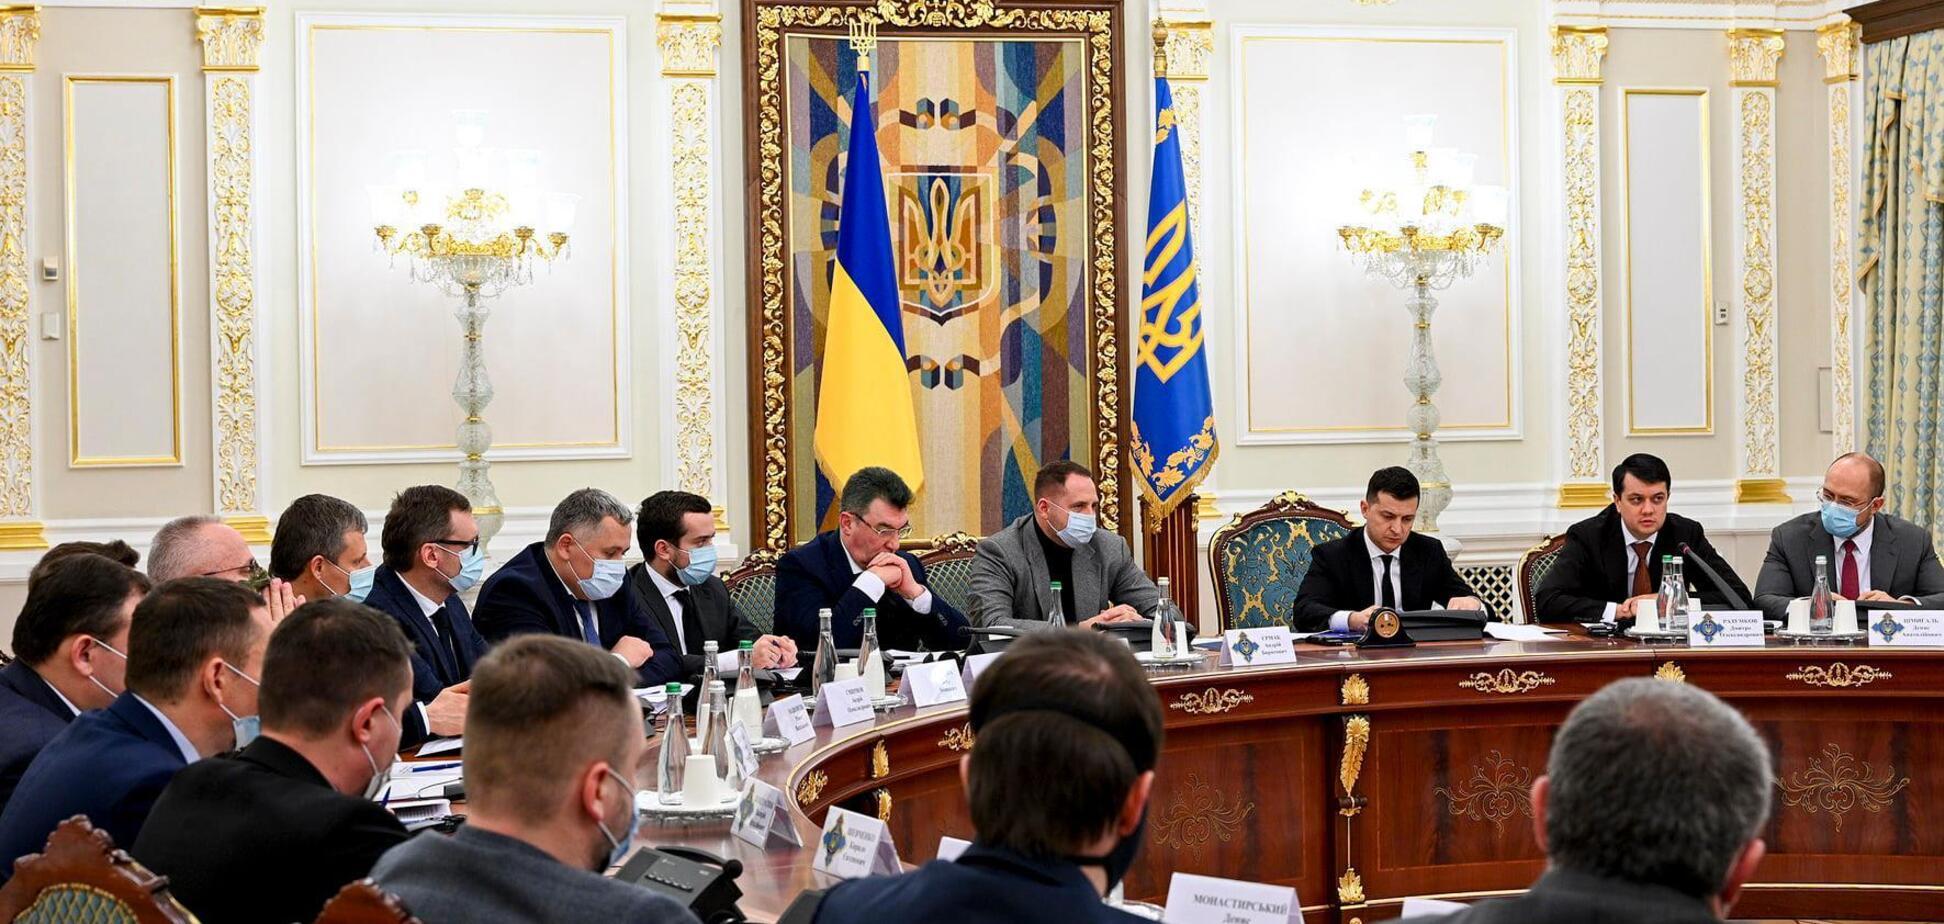 В Україні хочуть посилити контроль за карантином: що вирішили на терміновому засіданні РНБО через штам Дельта